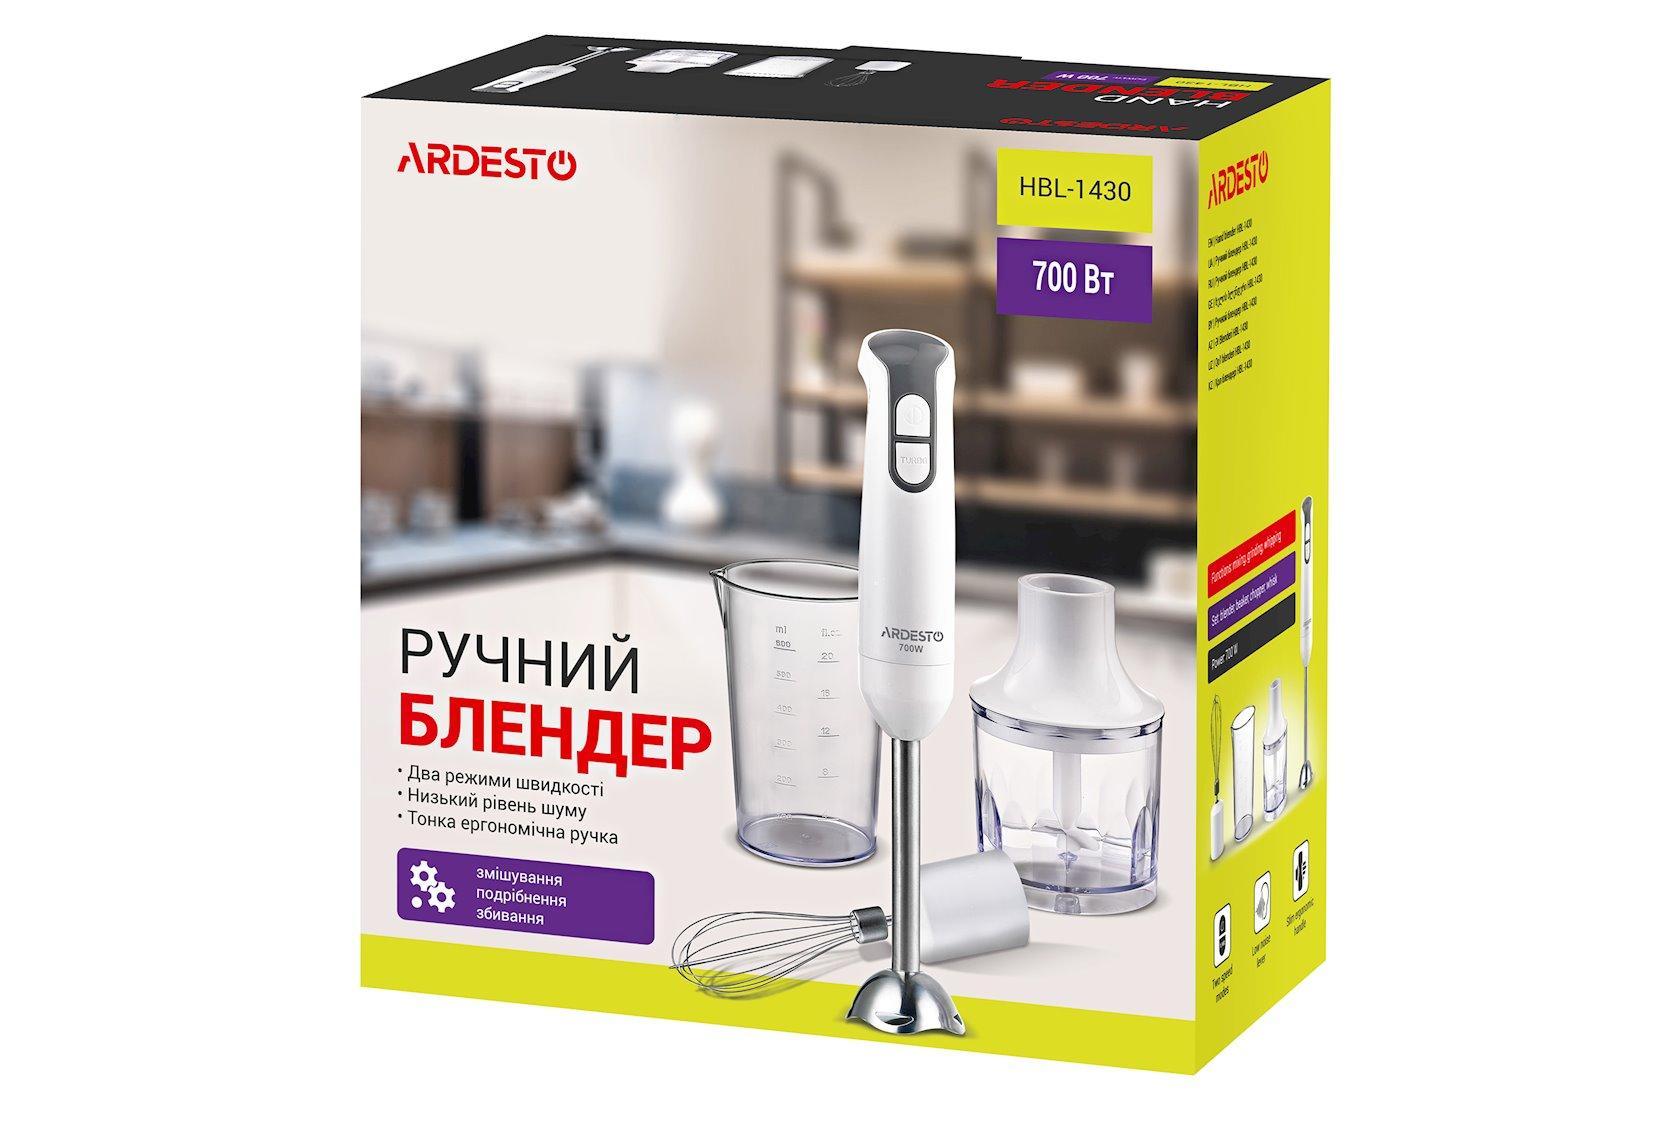 Blender Ardesto HBL-1430